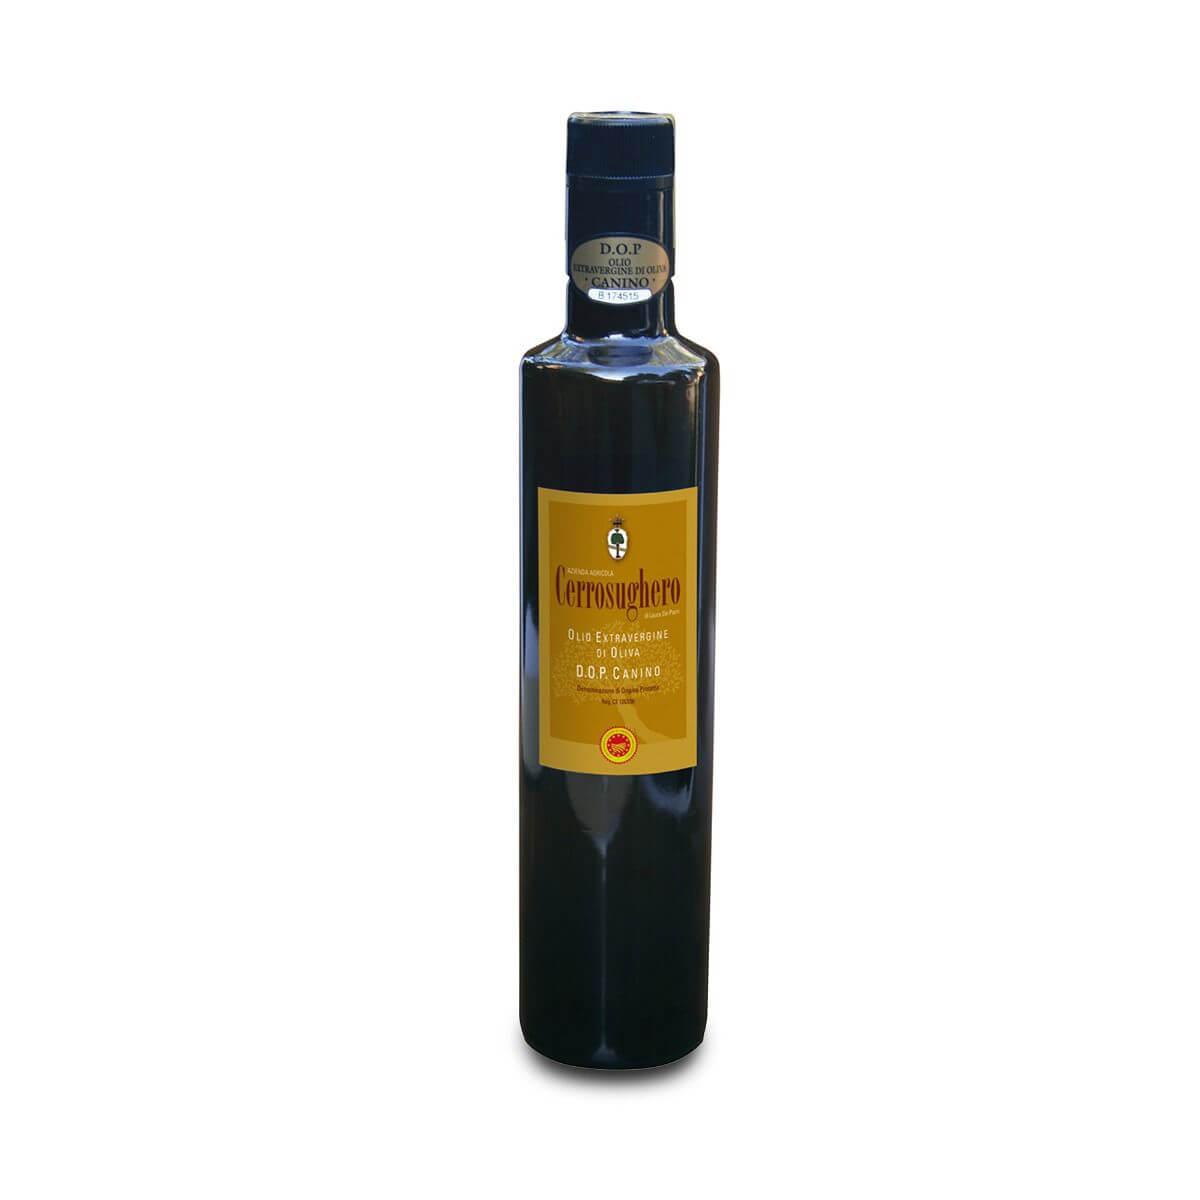 Olio extravergine di oliva Canino